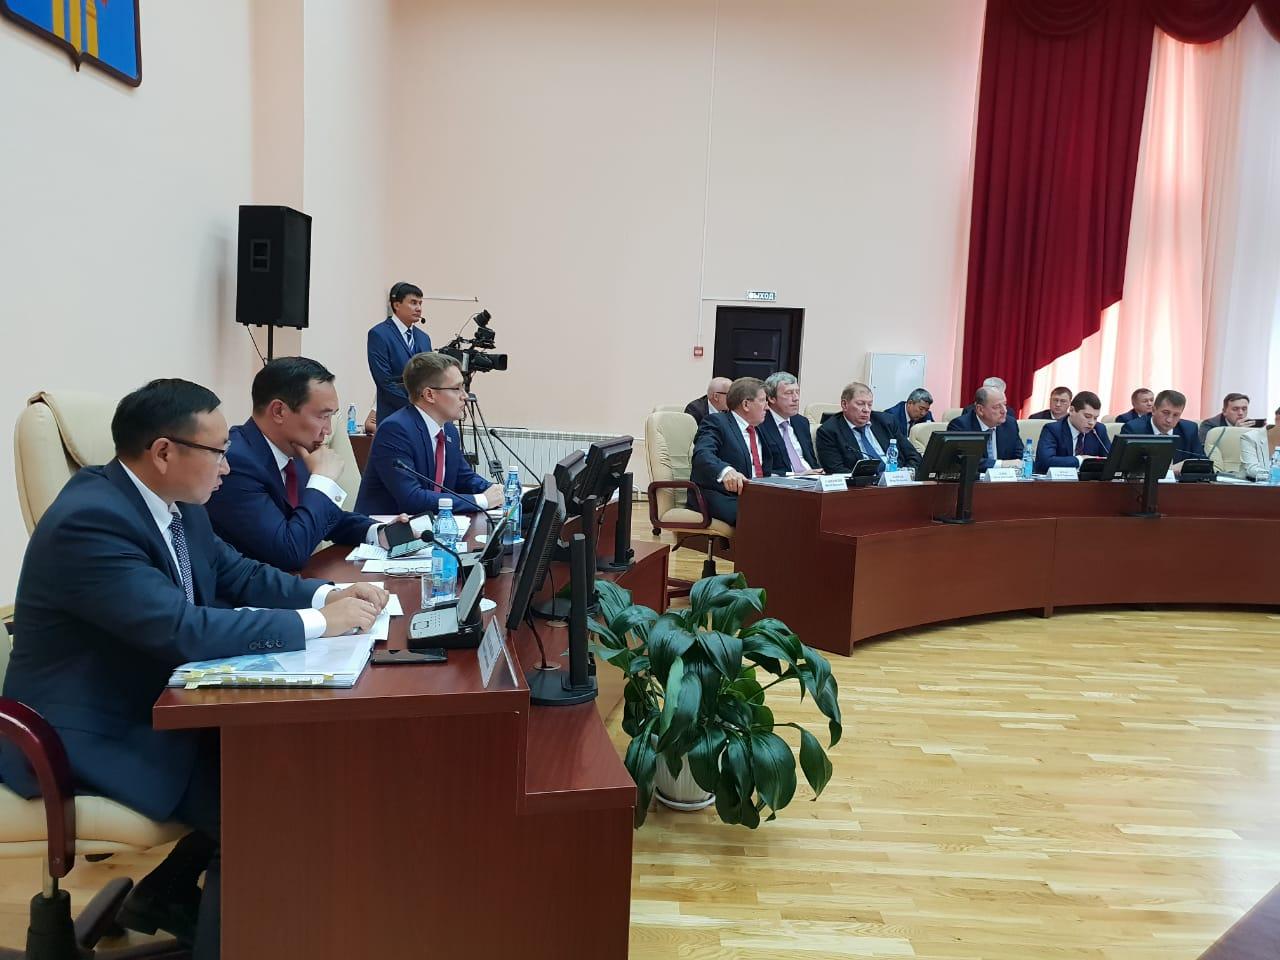 Айсен Николаев: «Развитие промышленности крайне важно для Якутии»